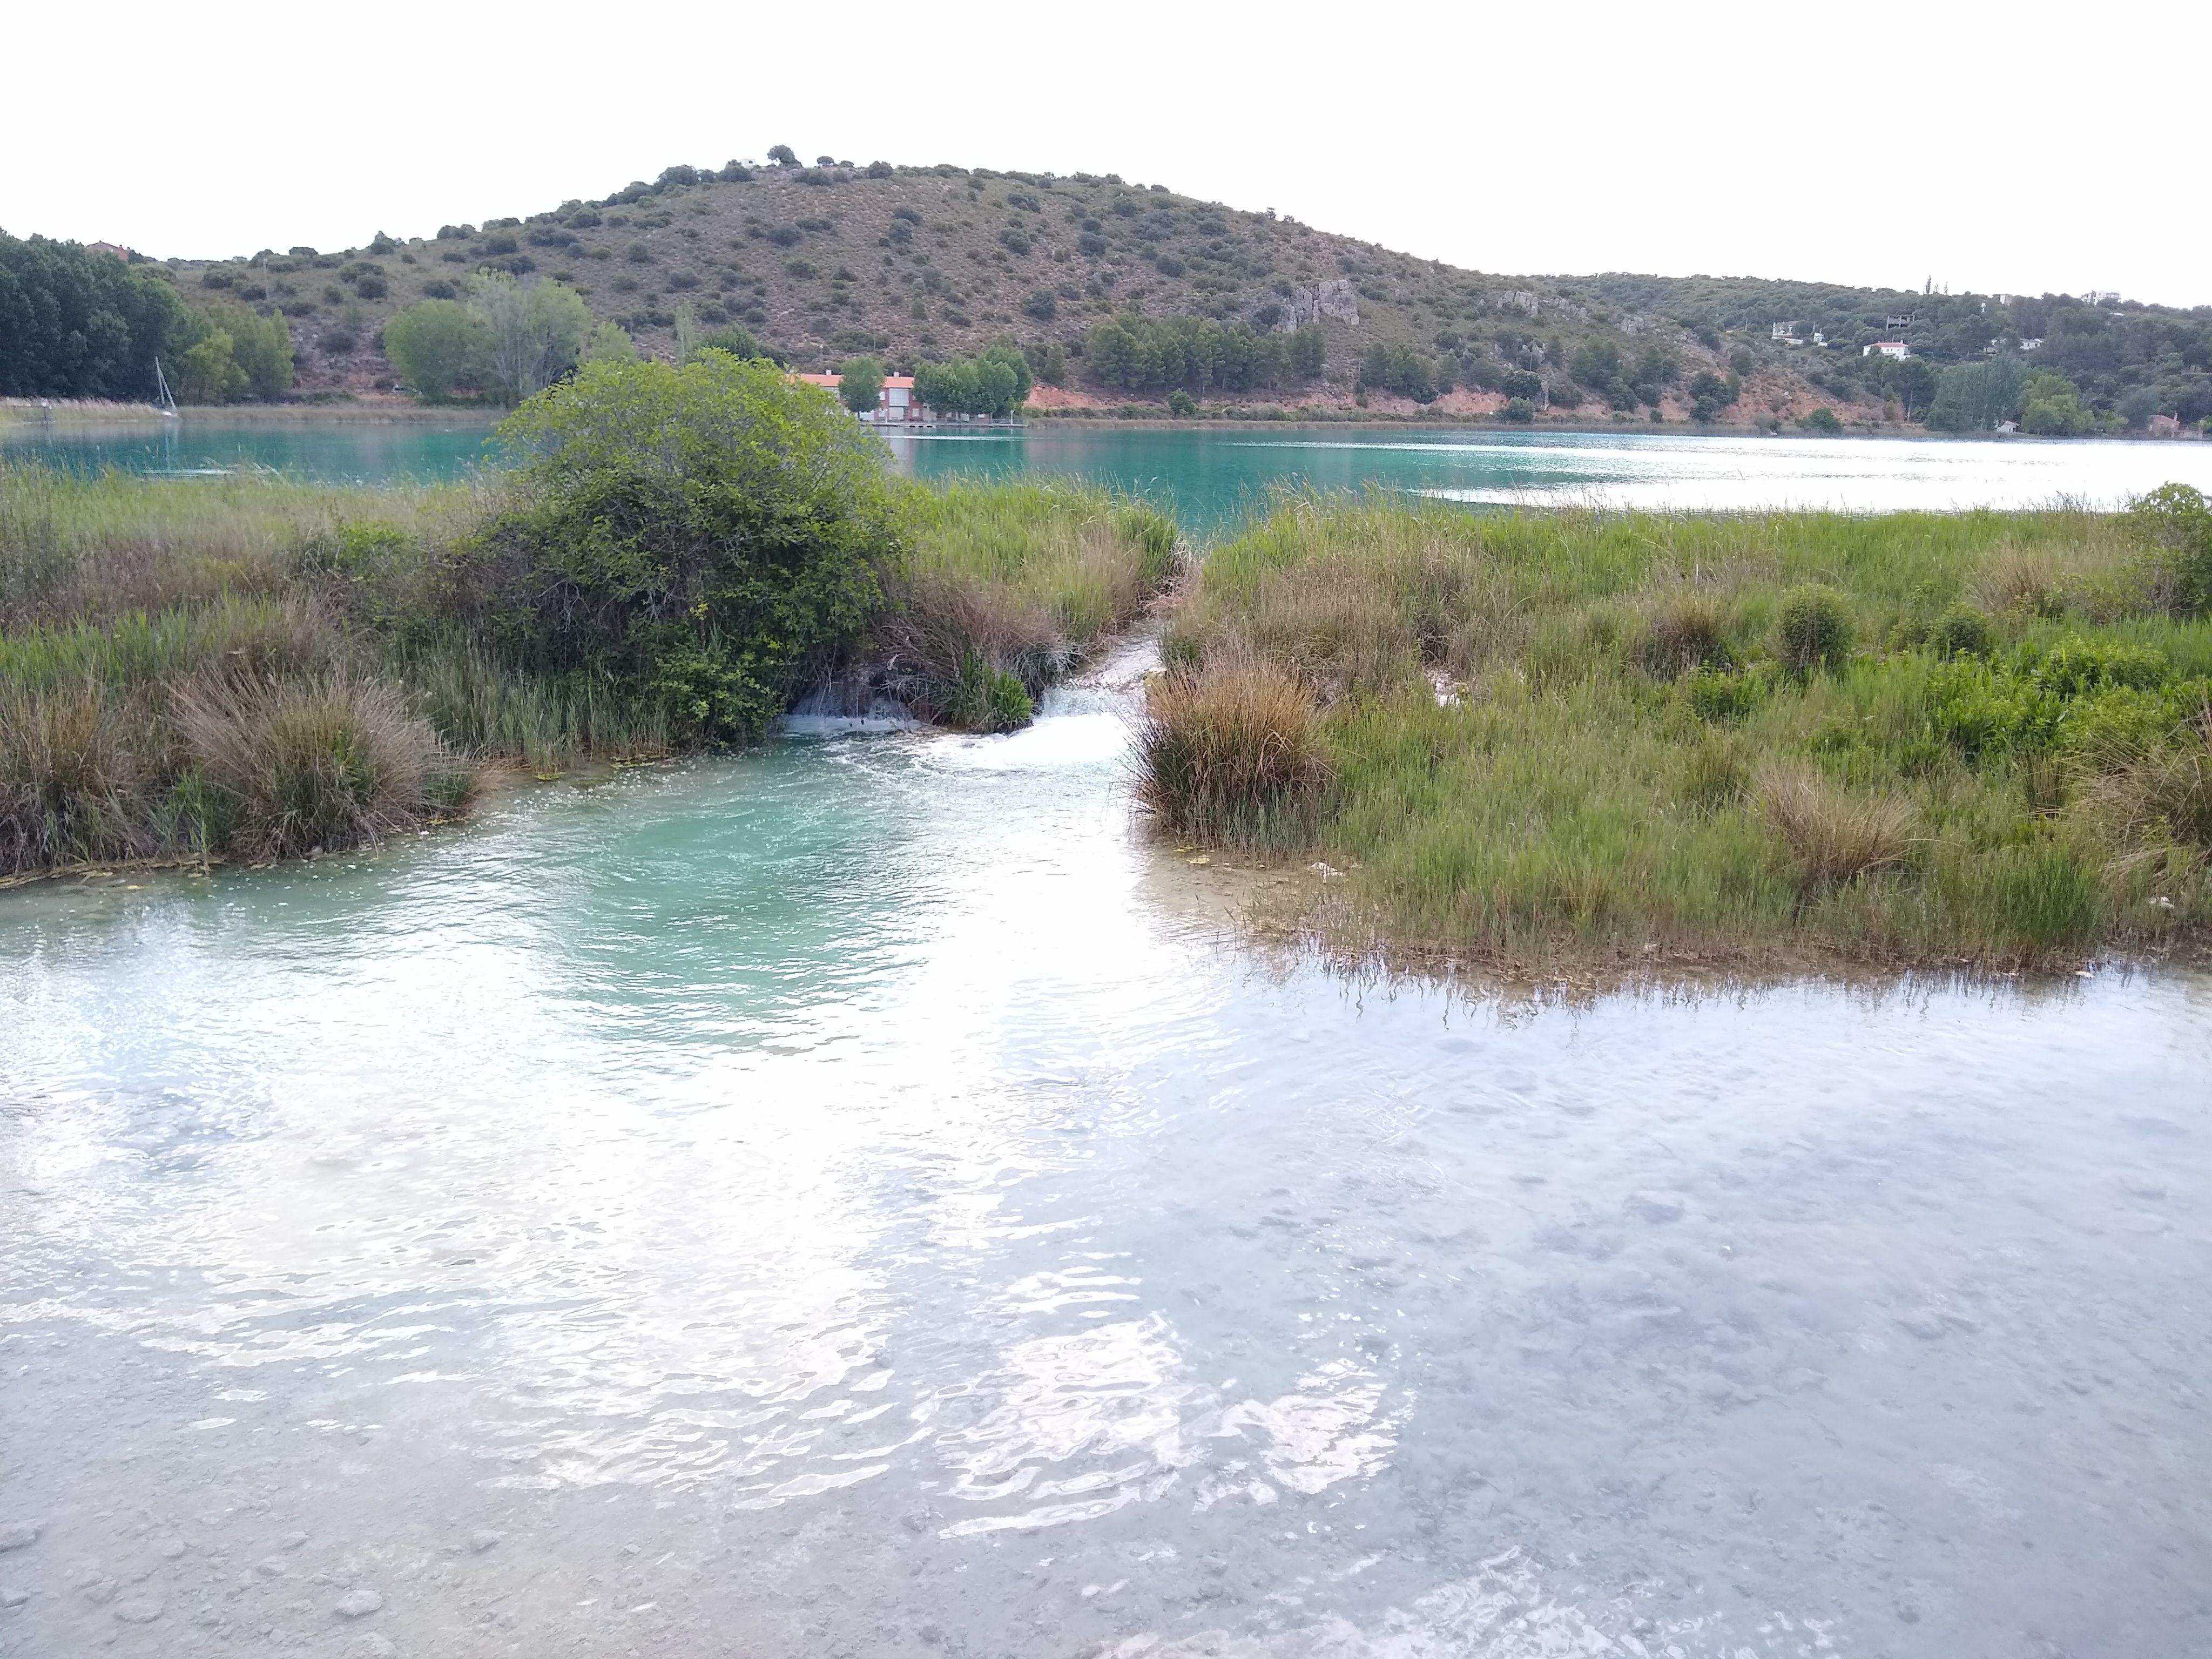 Laguna del Rey, nos llama la atención sus aguas cristalinas sobre el lecho blanquecino, al fondo se ve turquesa. Hay vegetacion en sus orillas y una pequeña cascada